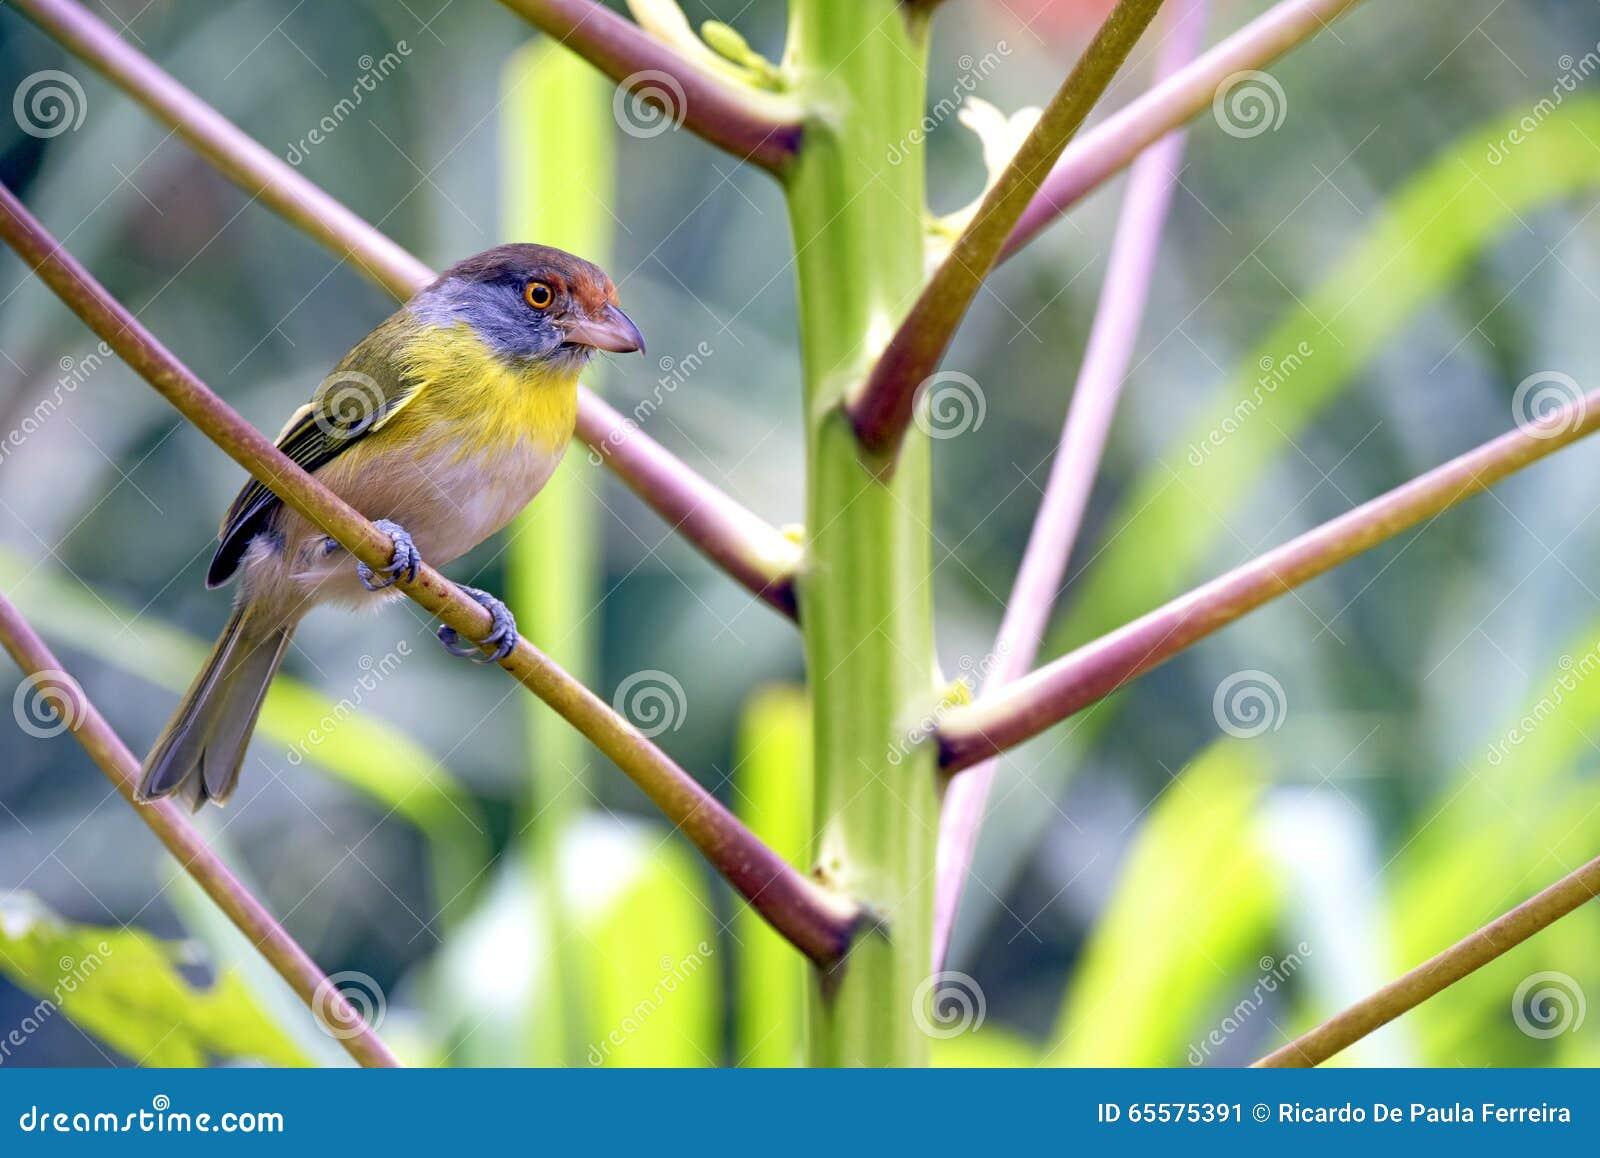 Peppershrike Rufous-sobrancelhudo, pássaro comum na América Latina